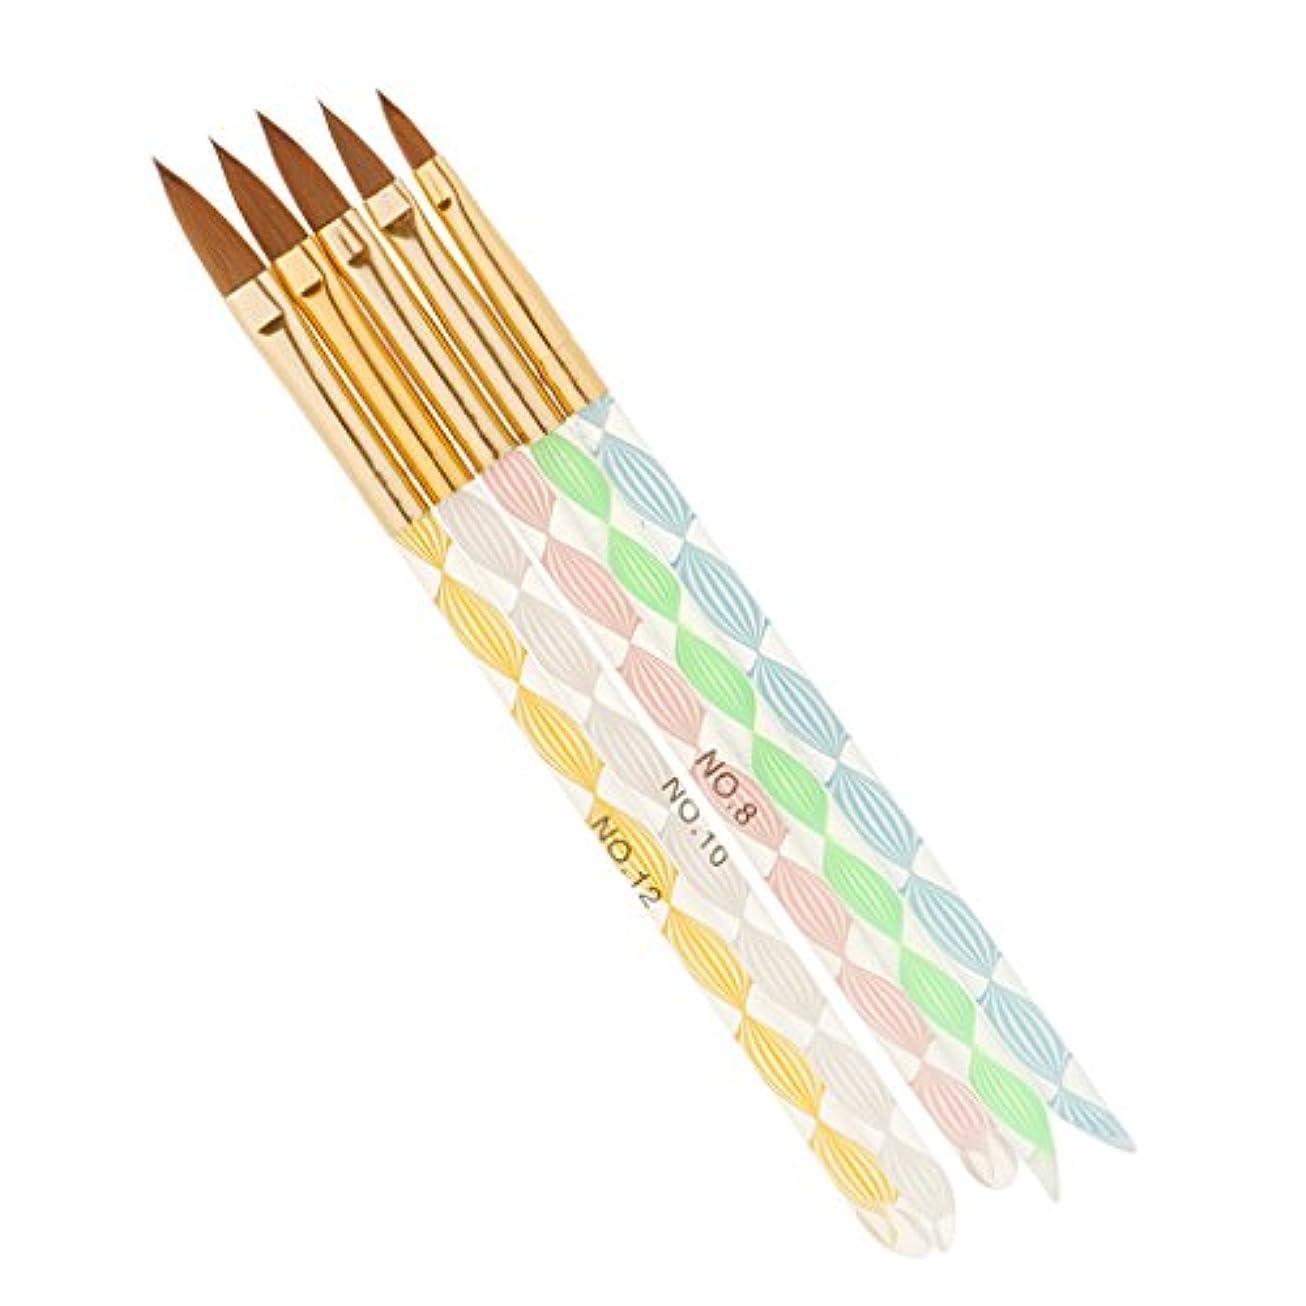 Perfk 5本 ネイルアート デザイン ブラシキット マニキュアツール 絵画 描画 磨き ブラシ